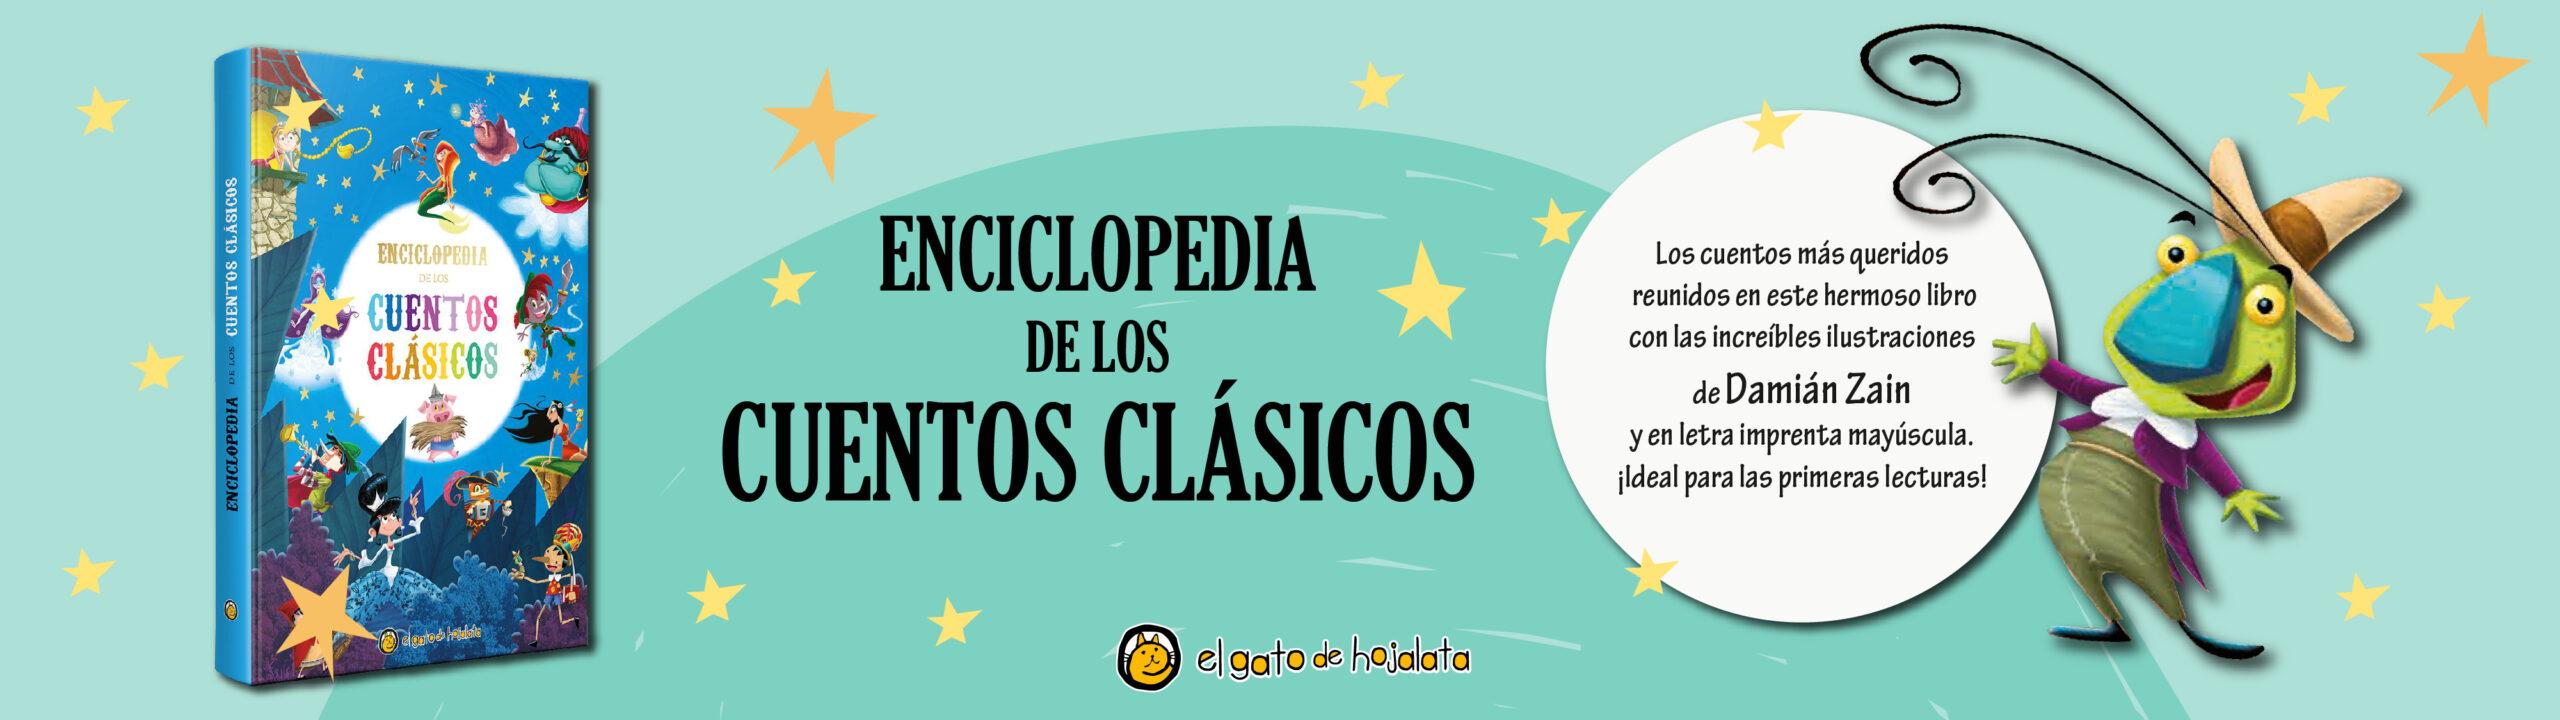 Enciclopedia de los cuentos_BANNER WEB_1920x540_